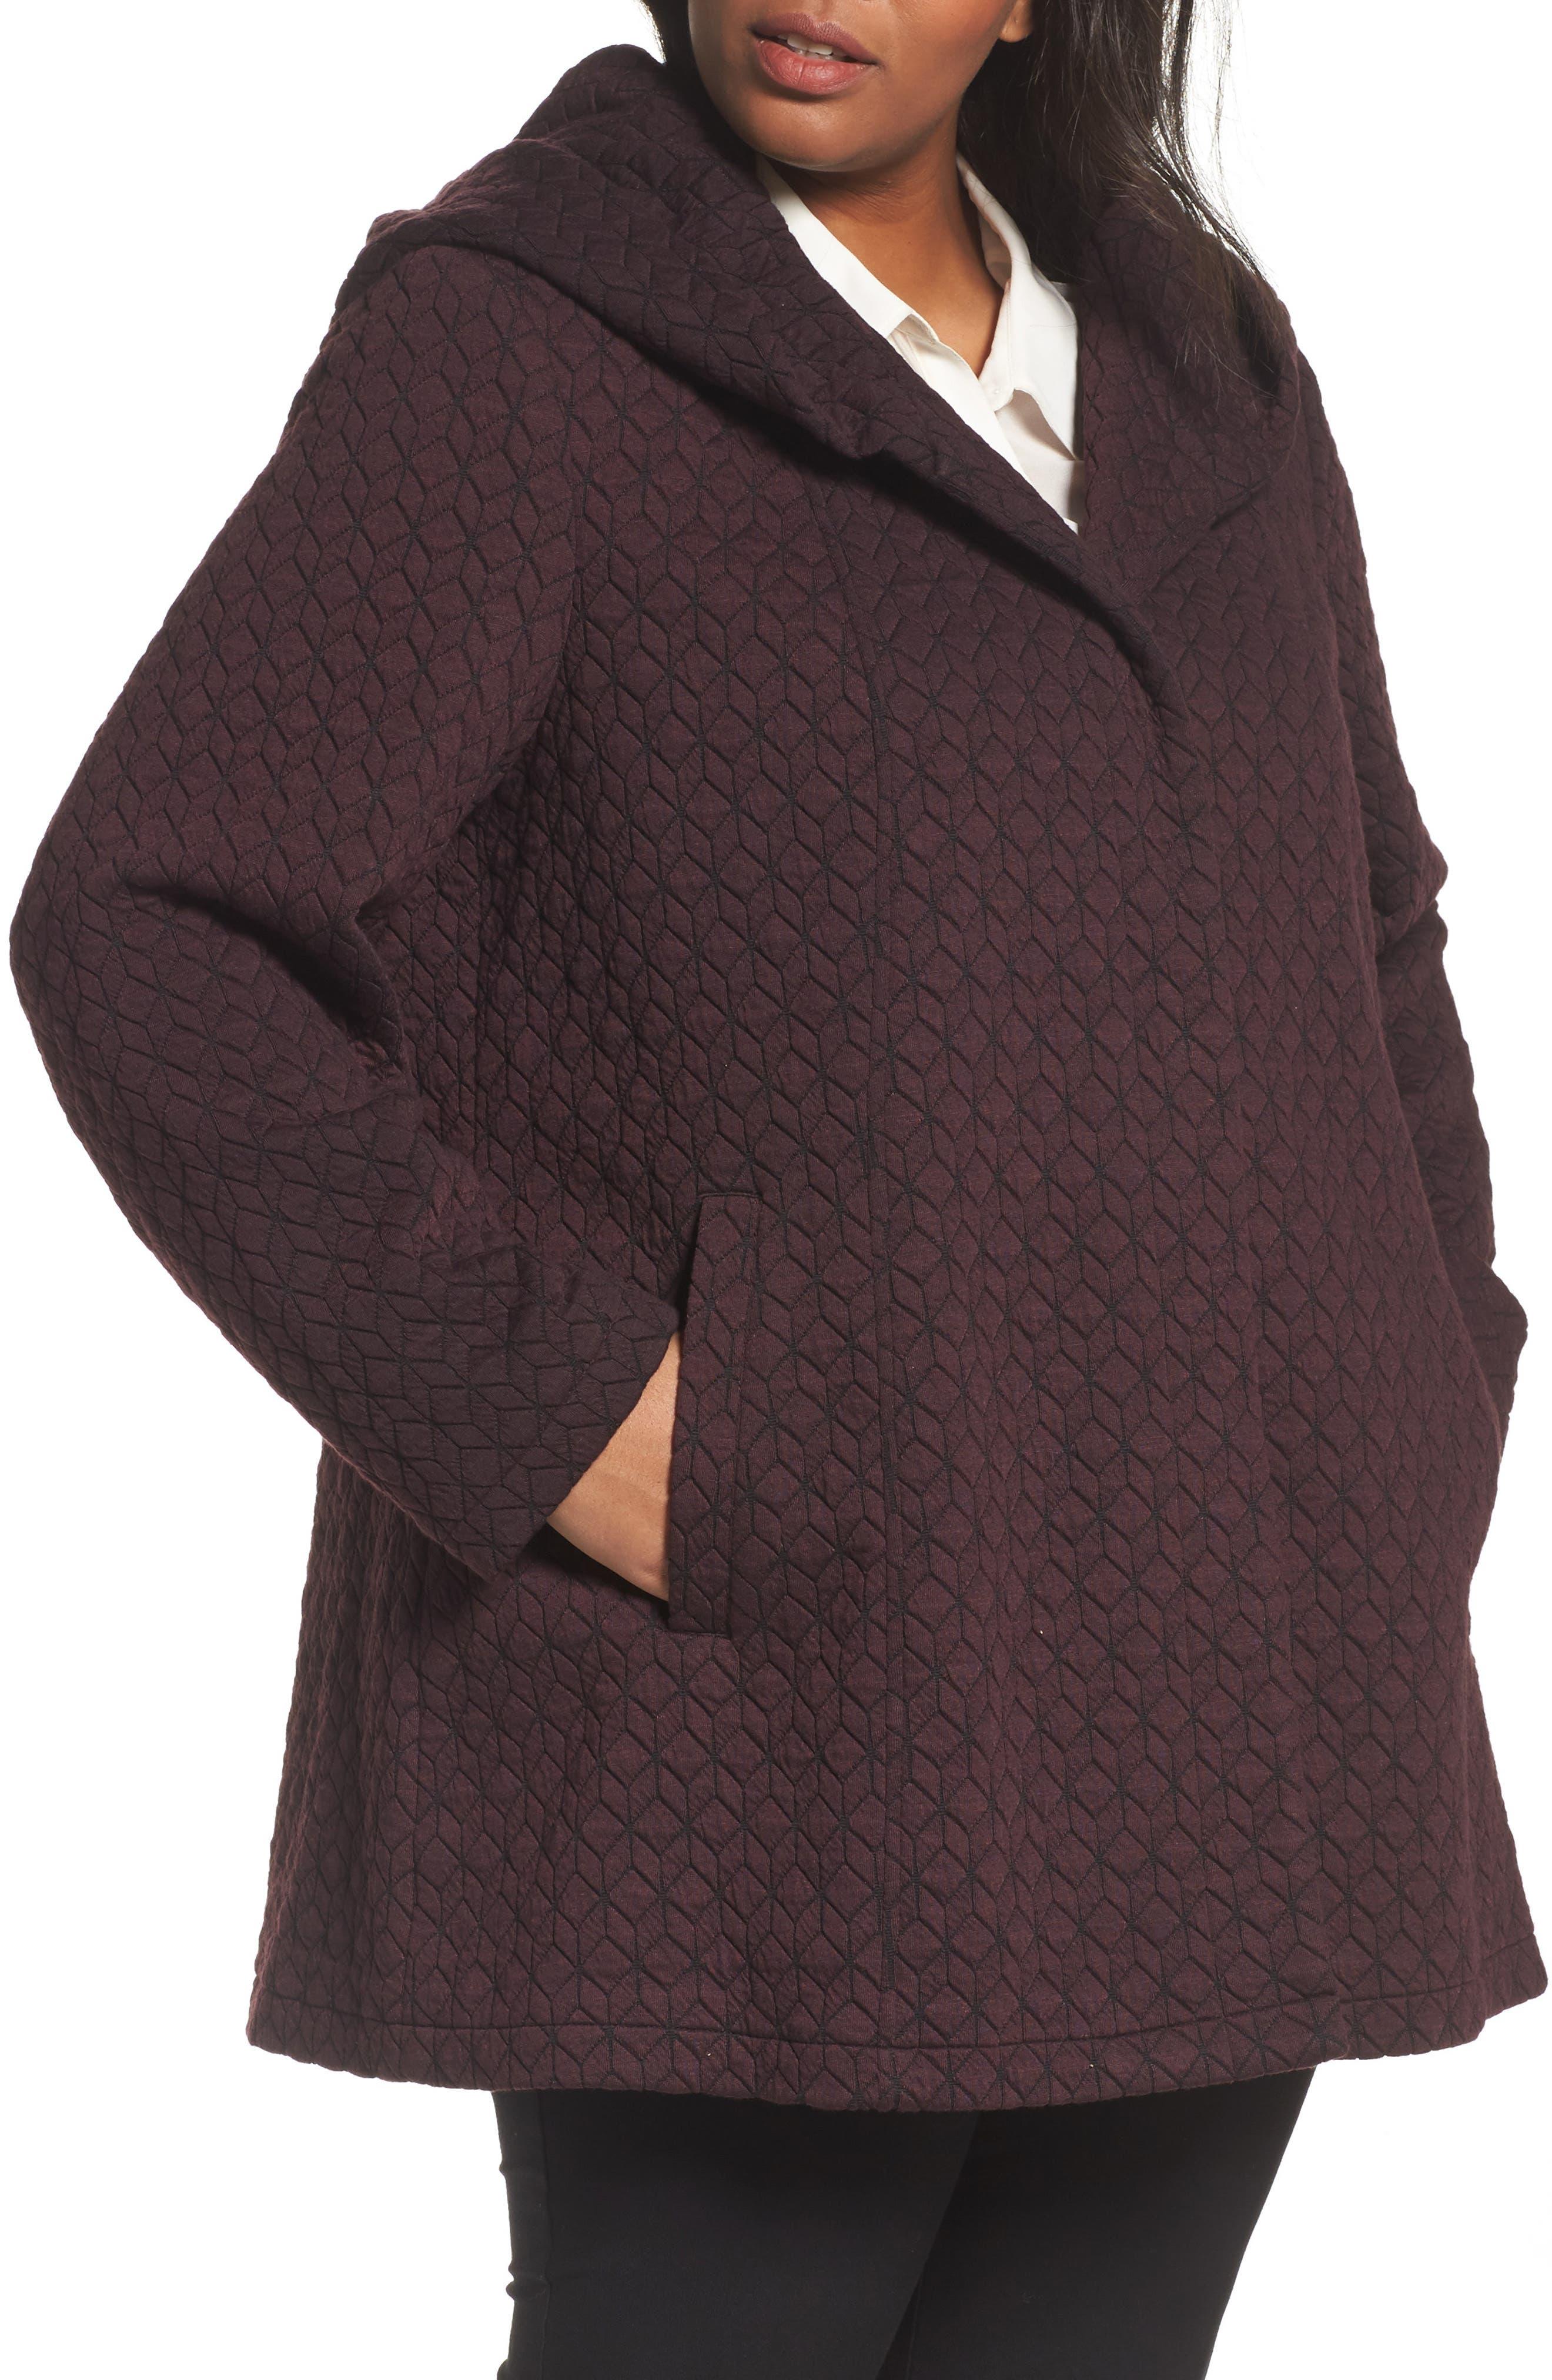 Cozy Knit Coat,                         Main,                         color, Burgundy